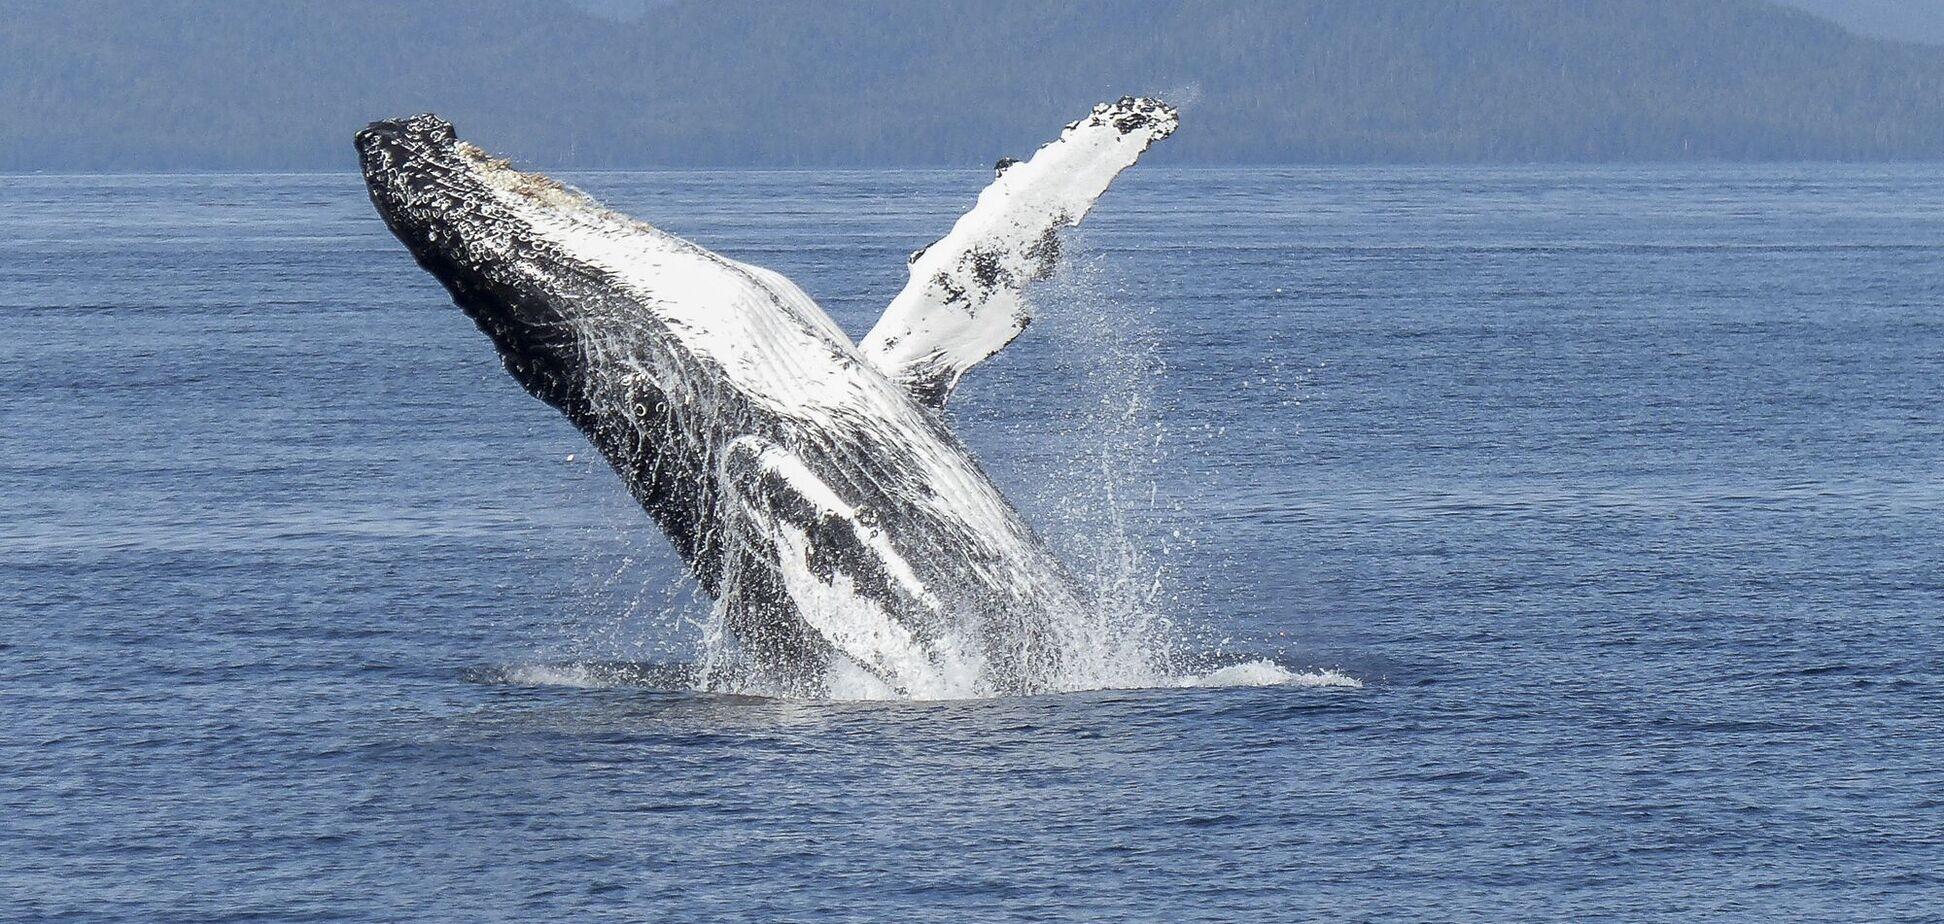 За одну секунду киты вдыхают около 2 тысяч литров воздуха